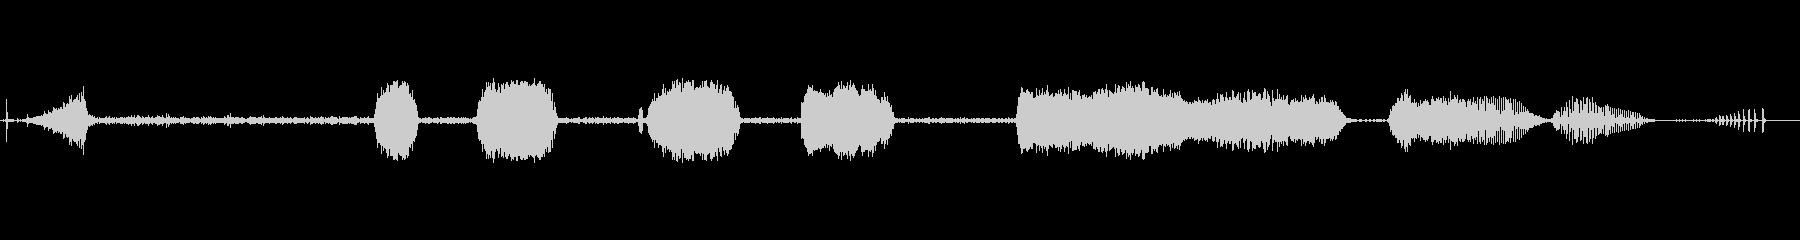 プラスチックドリル2:穴あけ、ショ...の未再生の波形